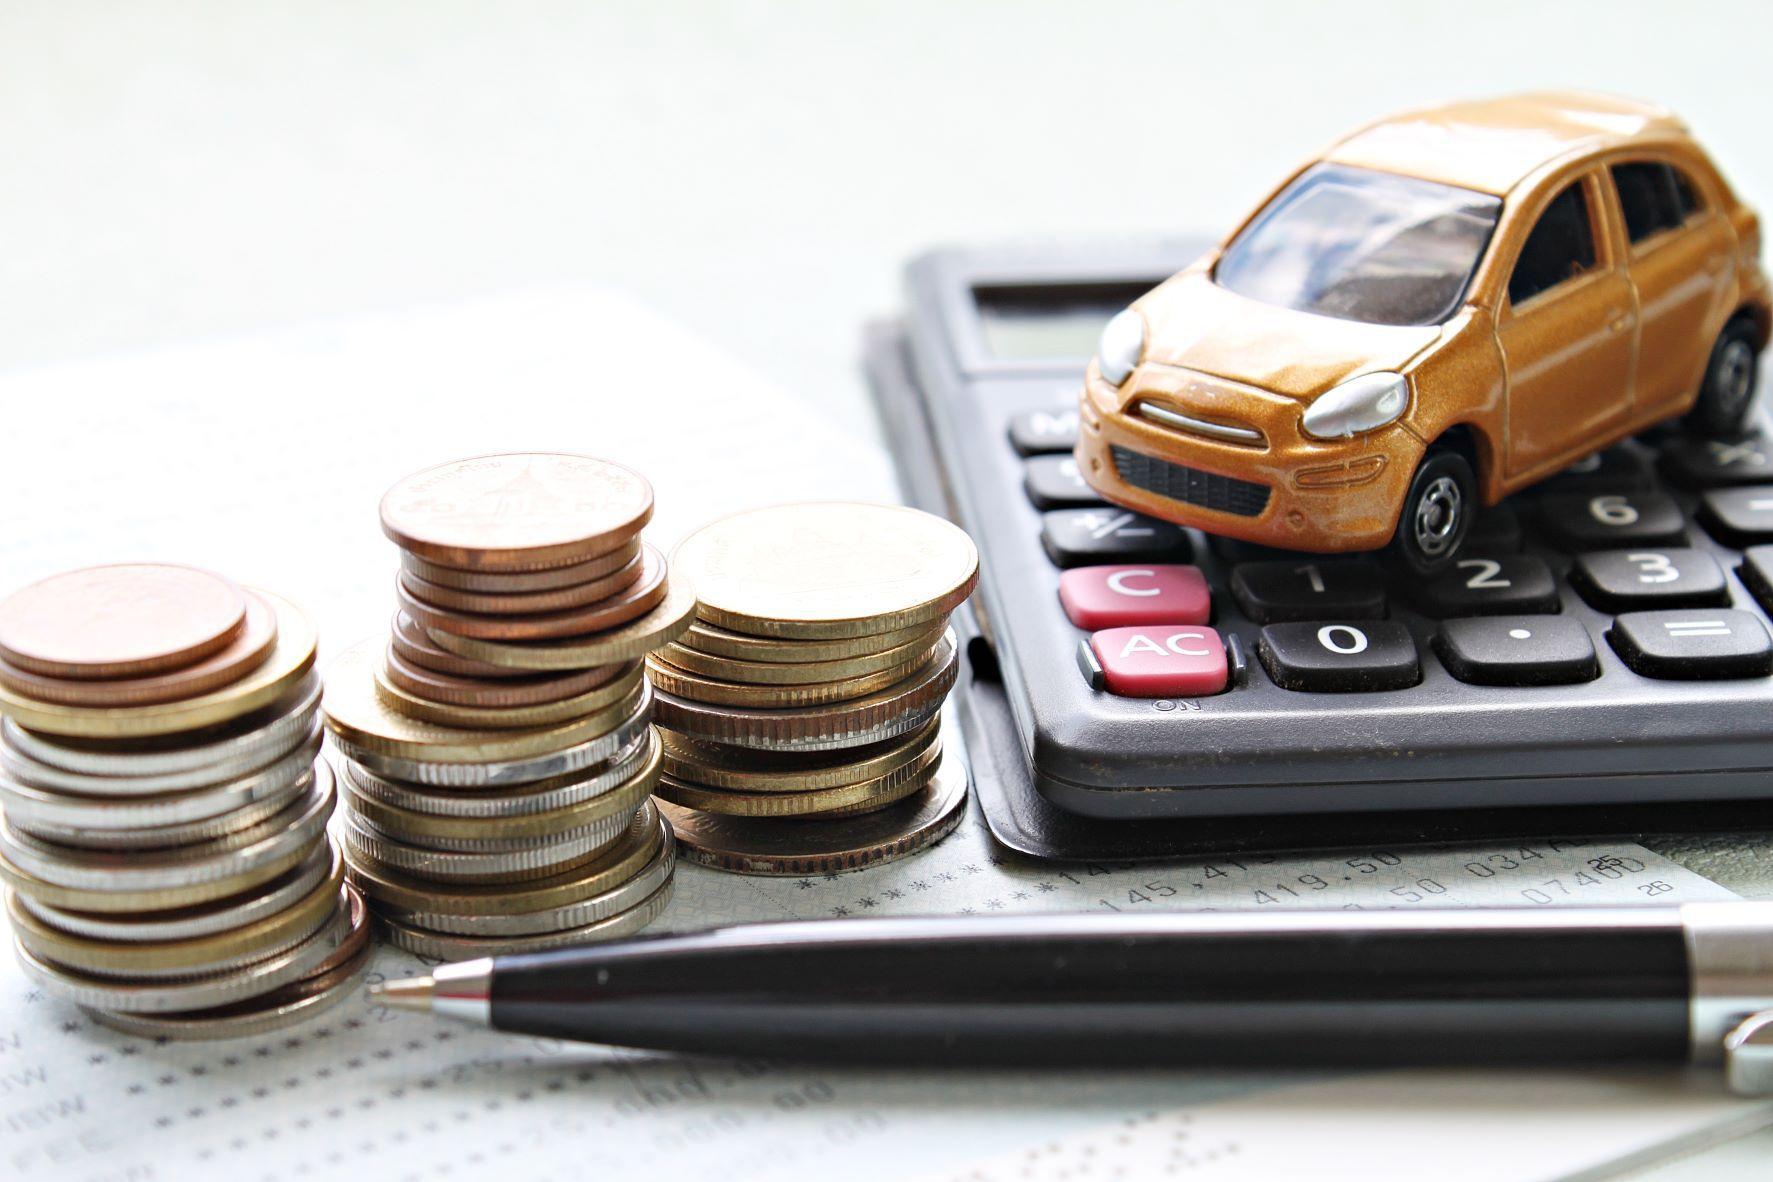 Trudniejszy wykup prywatny samochodu leasingowanego w działalności gospodarczej od 1 stycznia 2022 r.